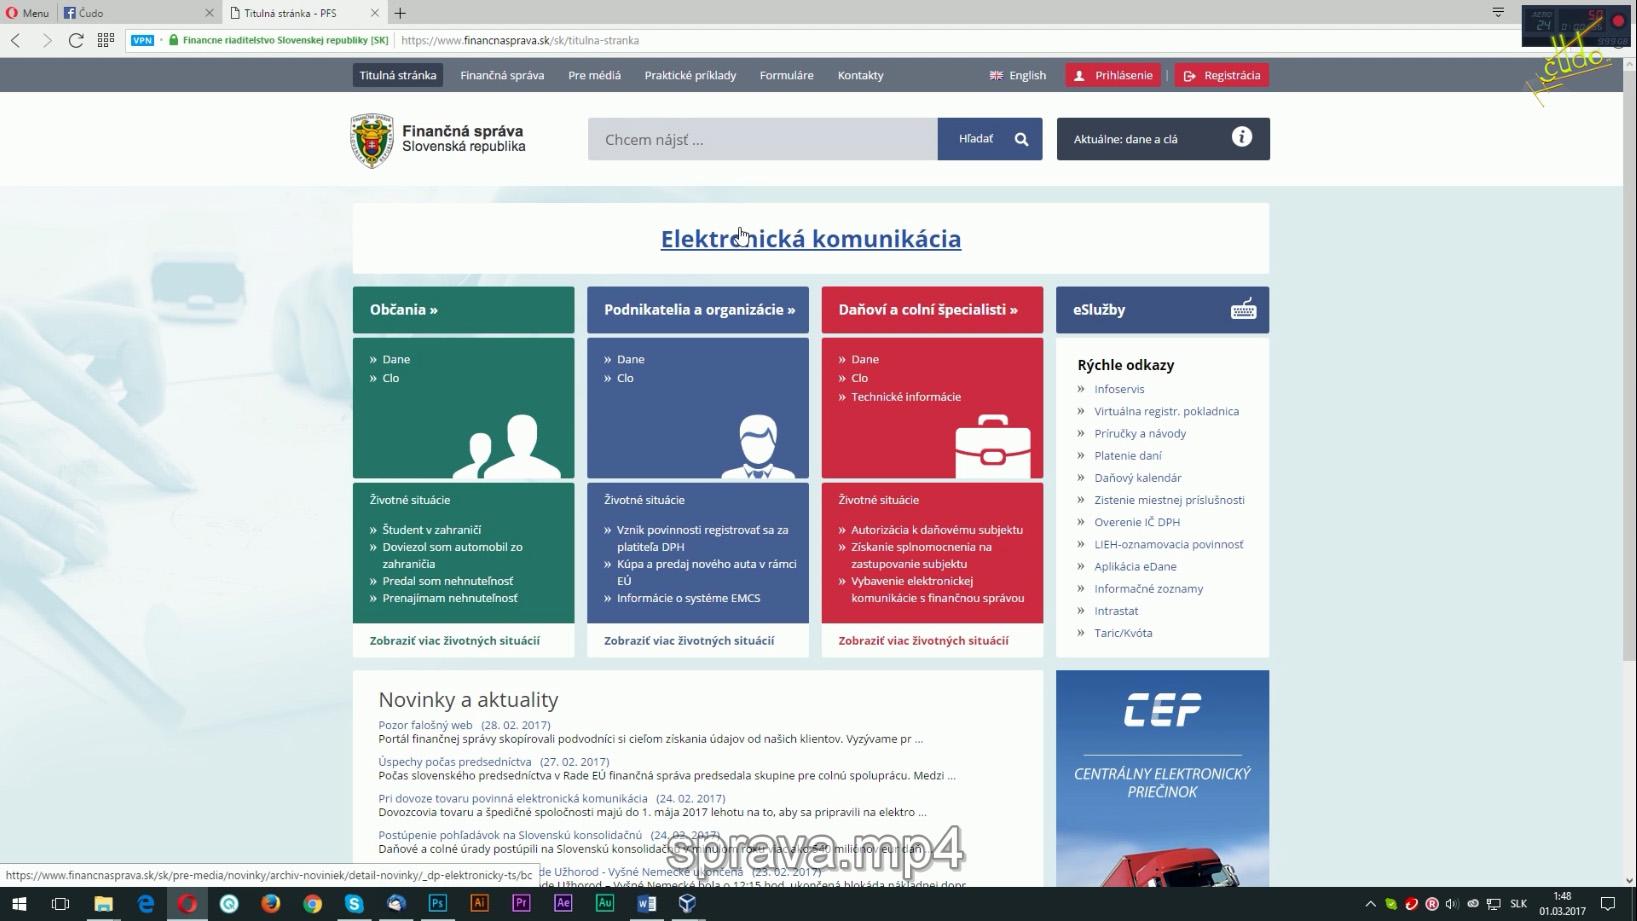 finančná správa slovenskej republiky